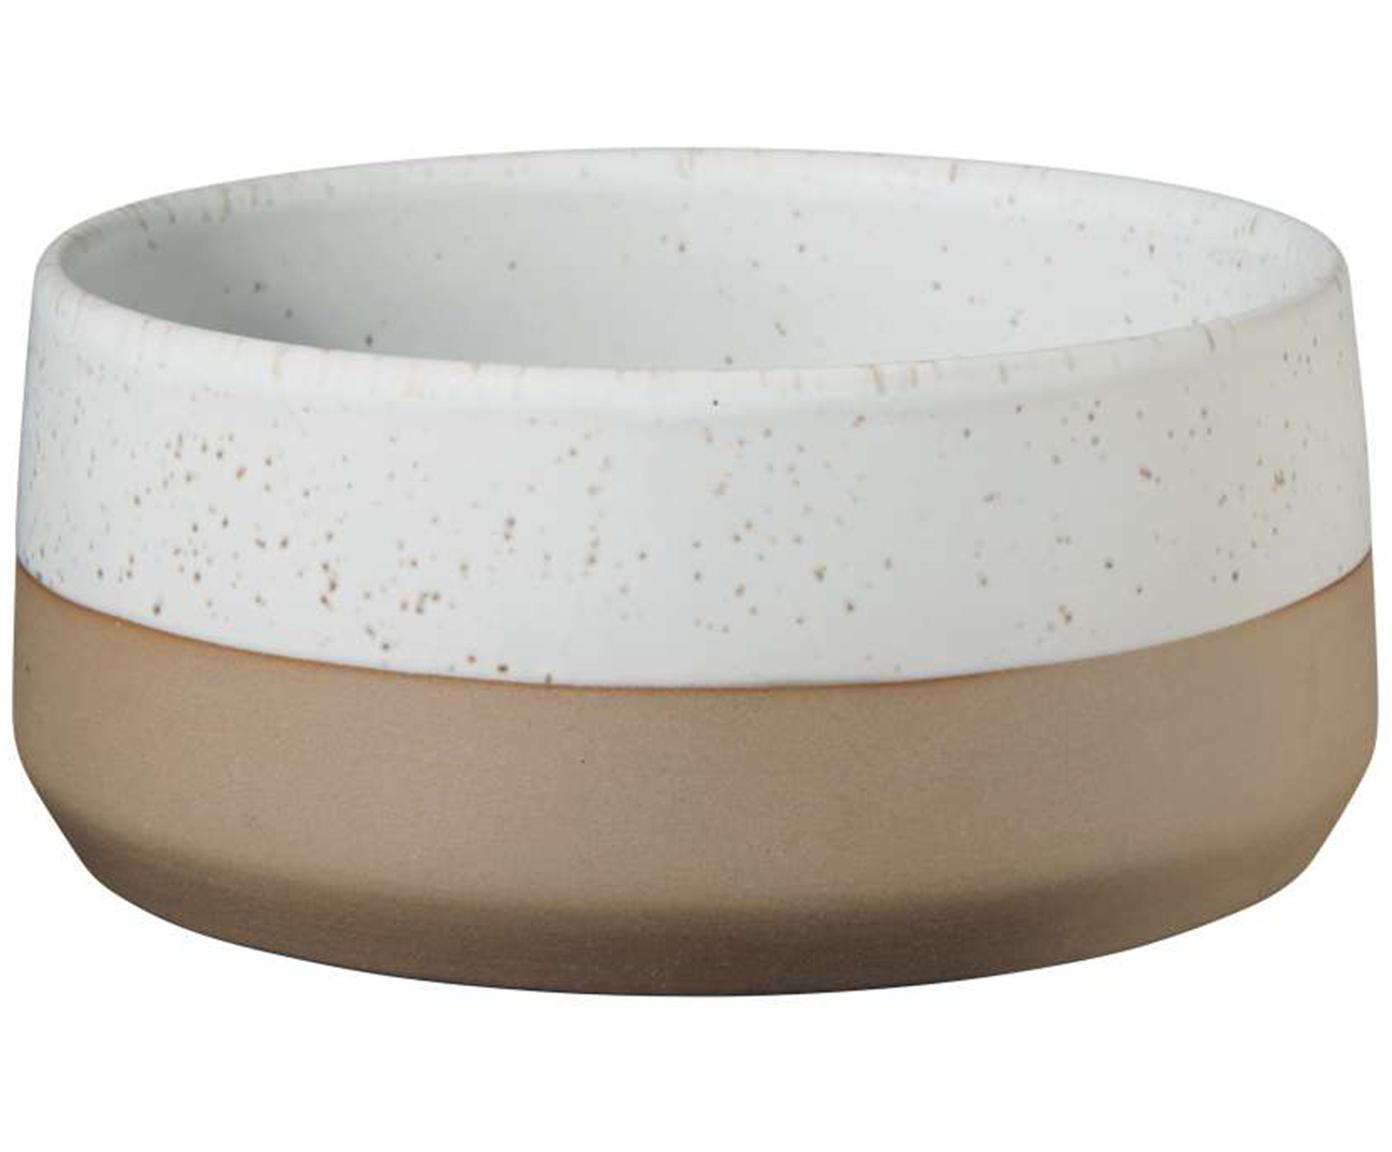 Schälchen Caja matt in Braun- und Beigetönen, 2 Stück, Terrakotta, Braun- und Beigetöne, Ø 14 cm